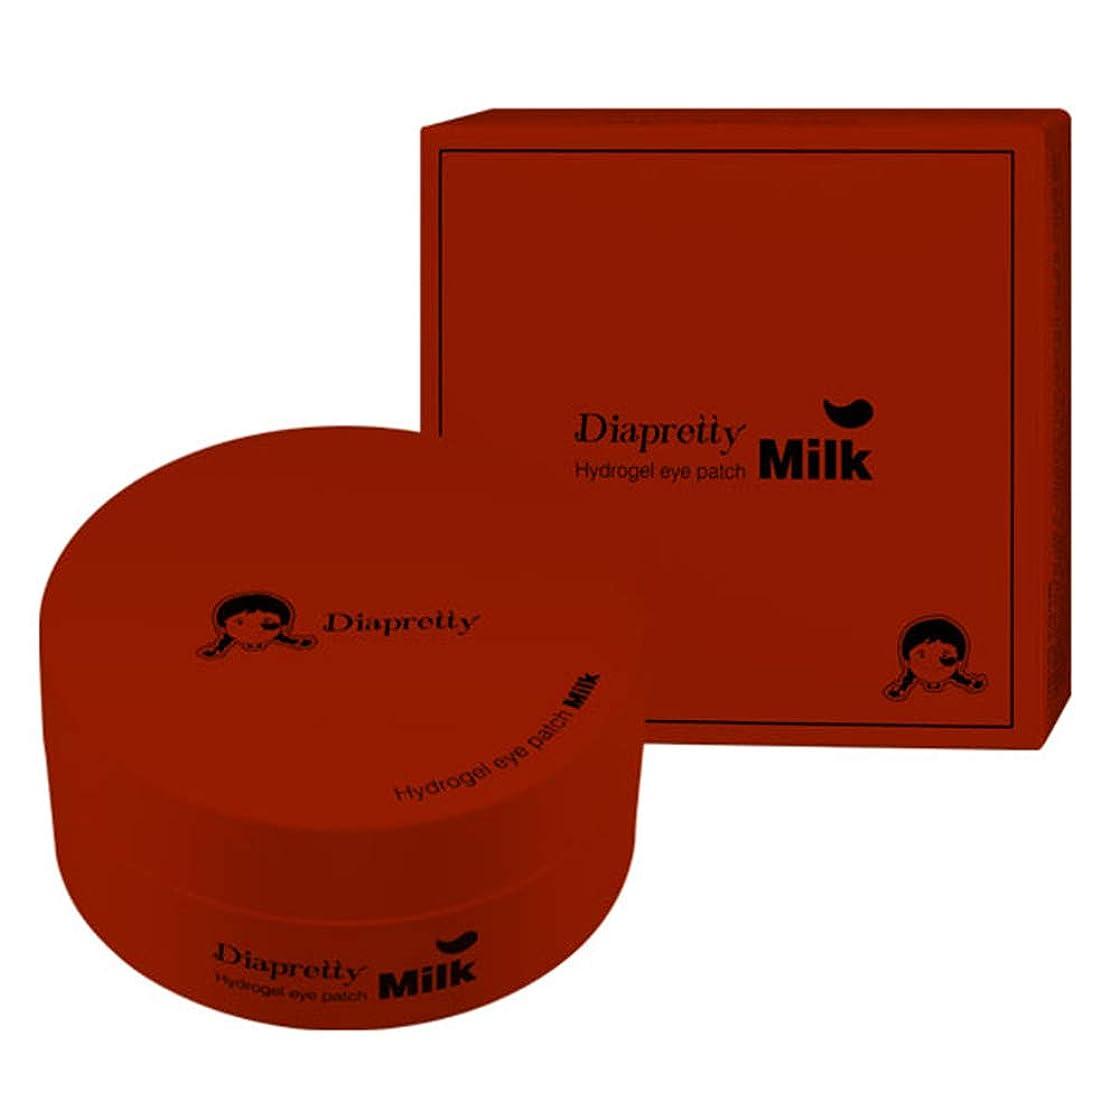 シリンダー論理バーター[ダイアプリティ] ハイドロゲルア イパッチ (Red Ginseng) 60枚, [Diapretty] Hydrogel Eyepatch(Red Ginseng) 60pieces